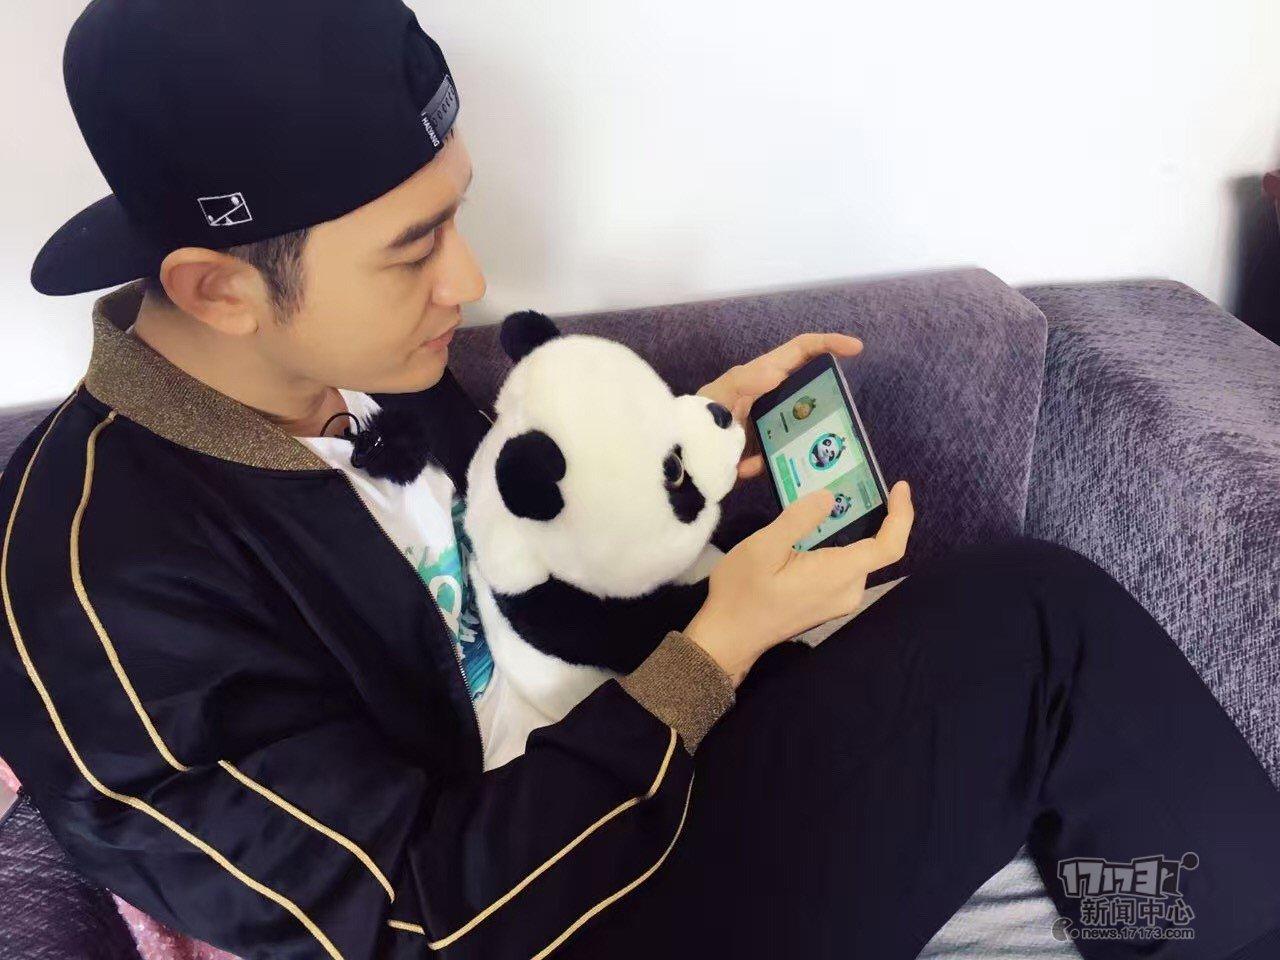 8月17日消息,史玉柱发布微博,透露著名影星黄晓明也在玩《球球大作战》的消息。史玉柱爆料称:(黄晓明)现在正带熊猫宝宝结识球球大作战里的熊猫大侠。   巨人网络旗下《球球大作战》是2015年以来最热门的休闲电竞手游,在此前公布的数据中,该游戏全球已积累超过1.3亿设备持有量,风靡于全世界95后及00后玩家之间。 这股潮流旋风同时也刮到了演艺界及体育界。继著名主持人李晨nic,跑男郑恺、王祖蓝之后,根据央视报道,里约奥运会上使用洪荒之力爆红的新晋泳将傅园慧,也是《球球大作战》的忠实玩家。 如今教主